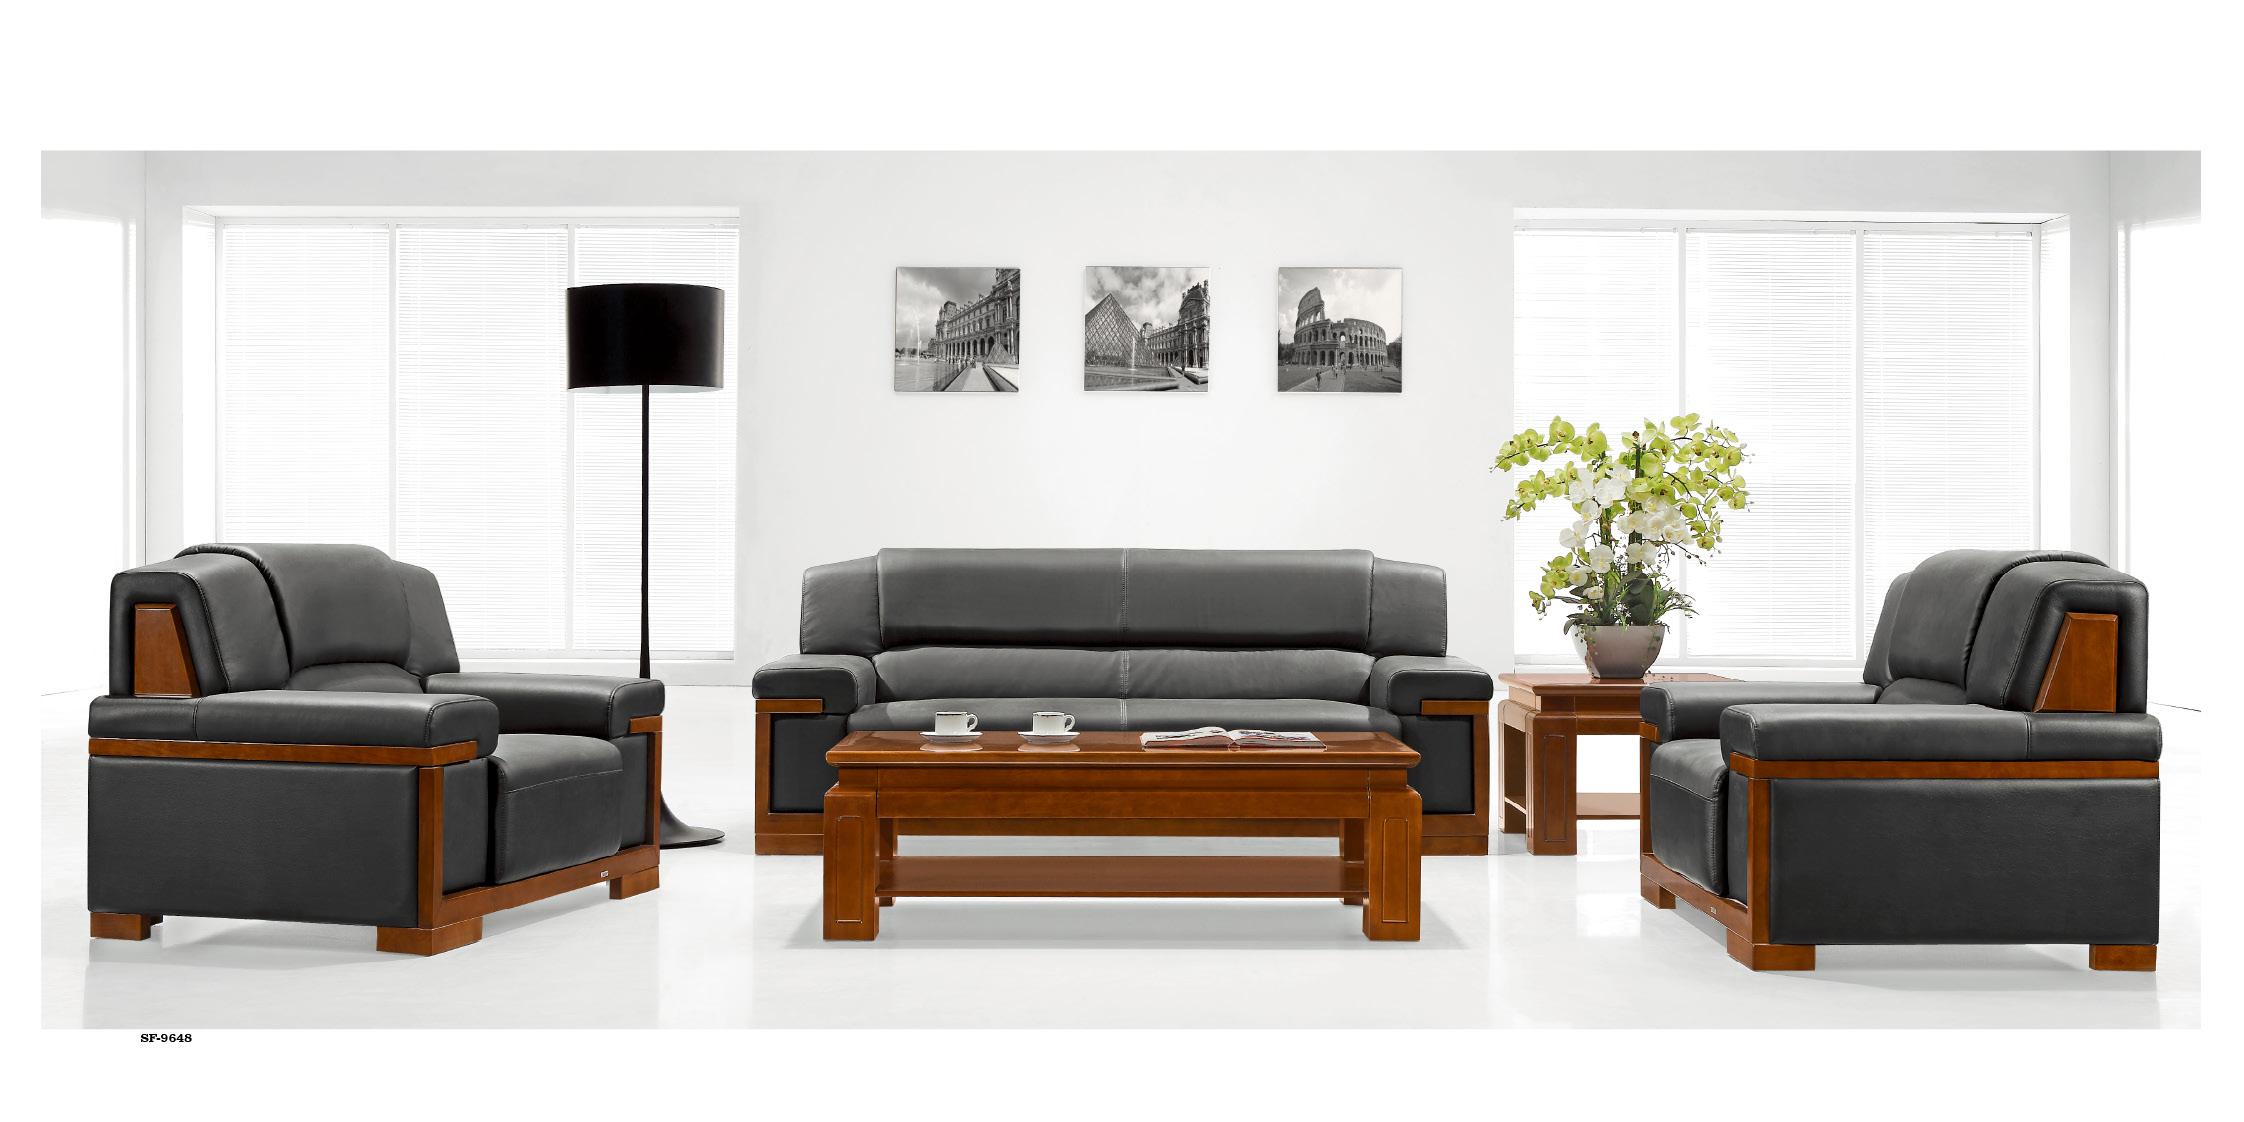 沙发套组SF-9648